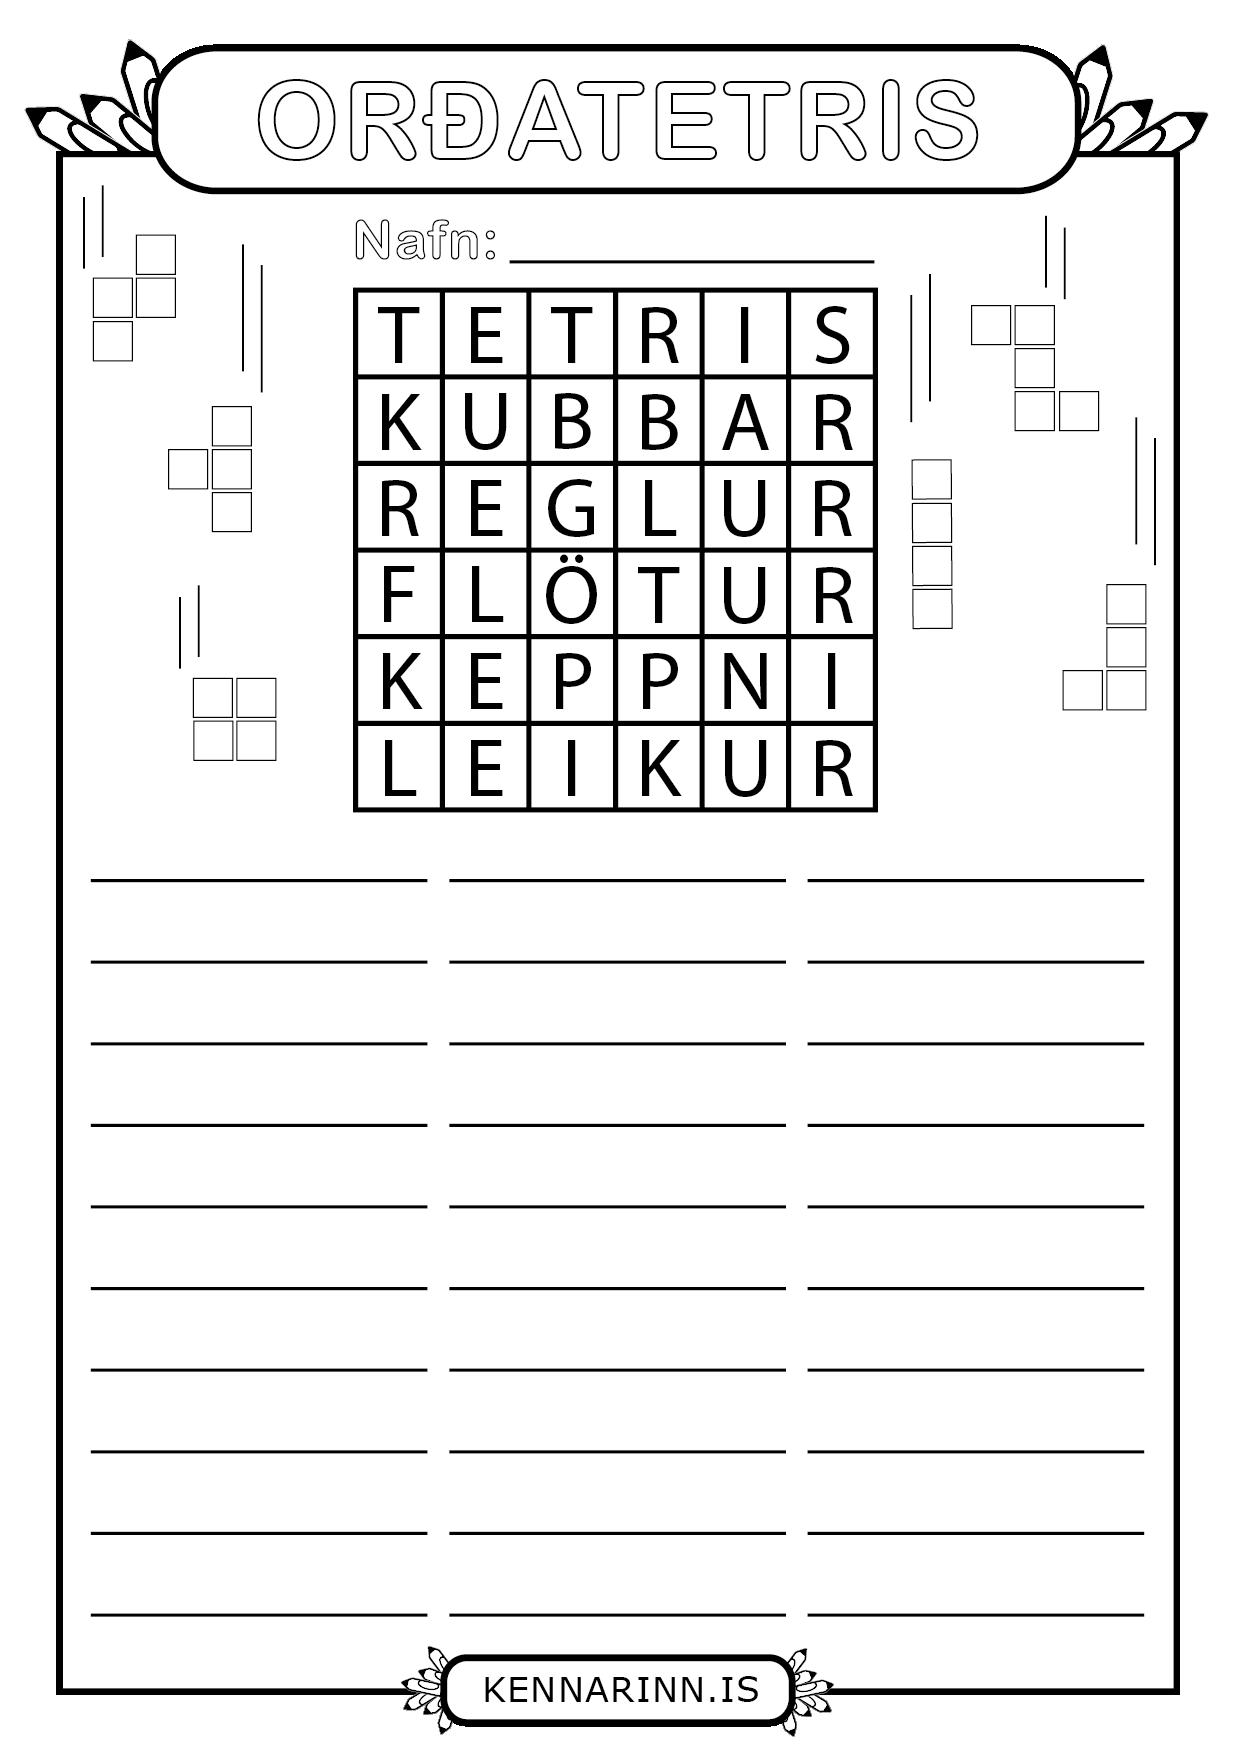 Orðatetris